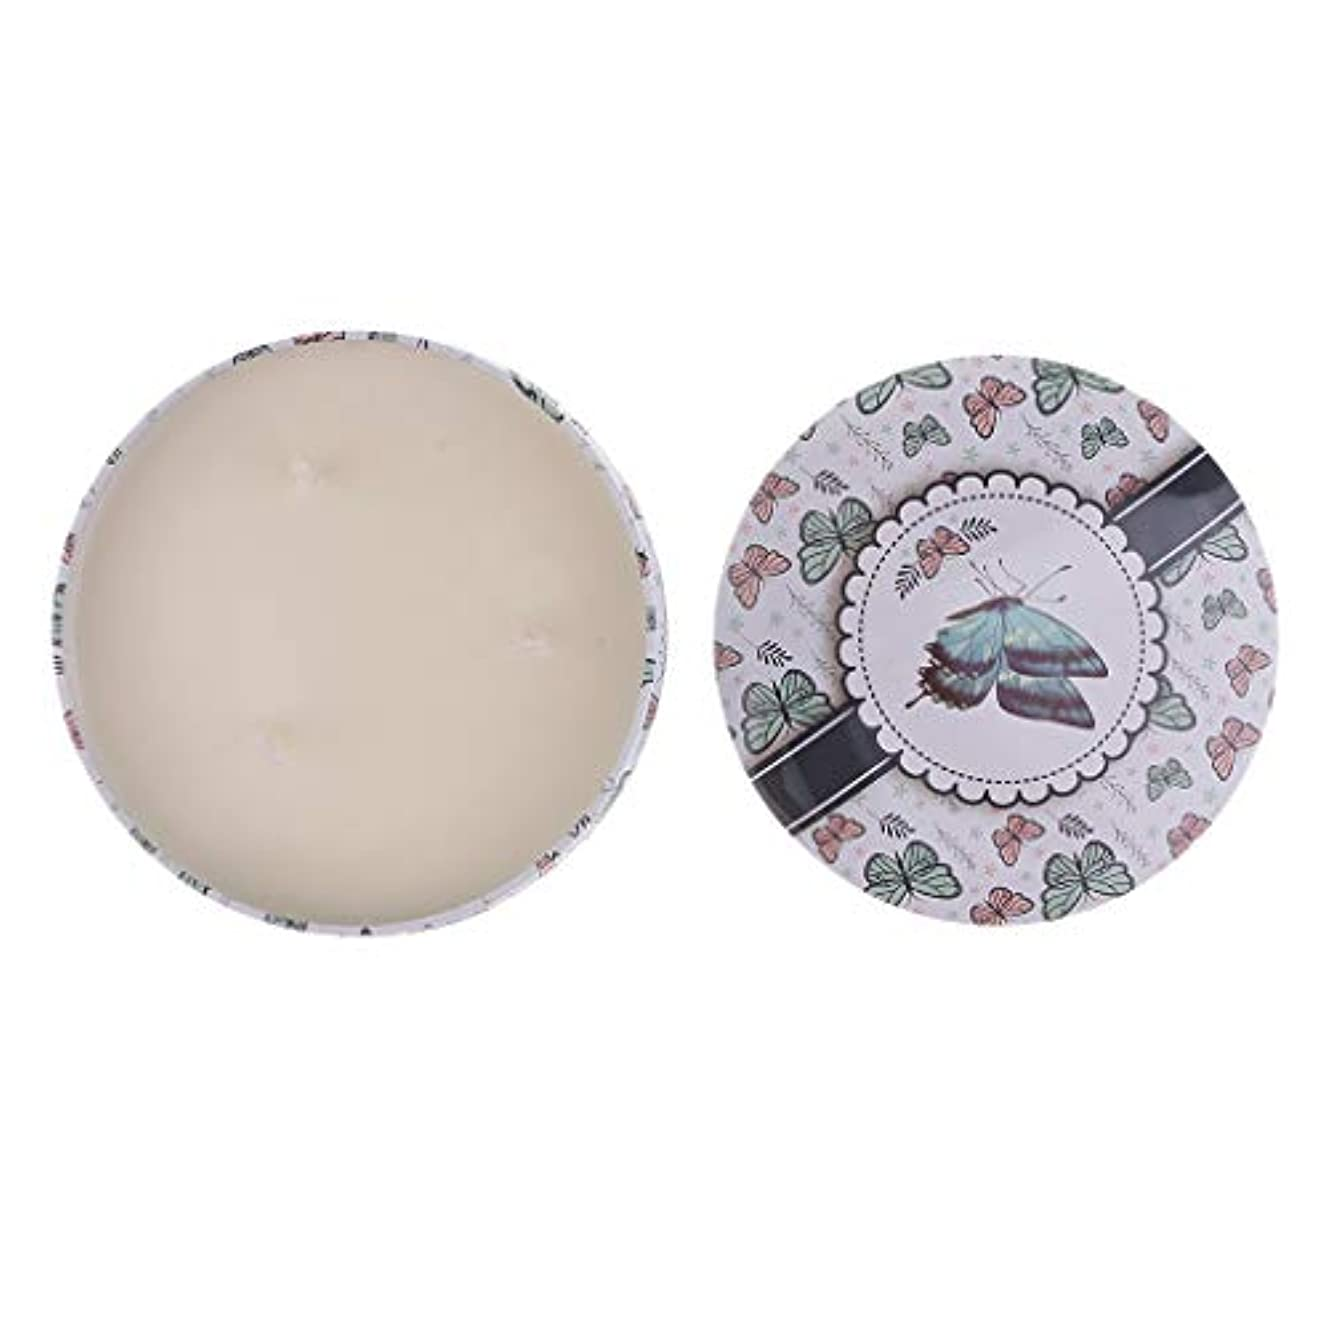 ピック広がりアレイD DOLITY アロマキャンドル 3ウィック 香り付き 旅行 蝋燭 約23時間 贈り物 2種選ぶ - 1, 130x55mm